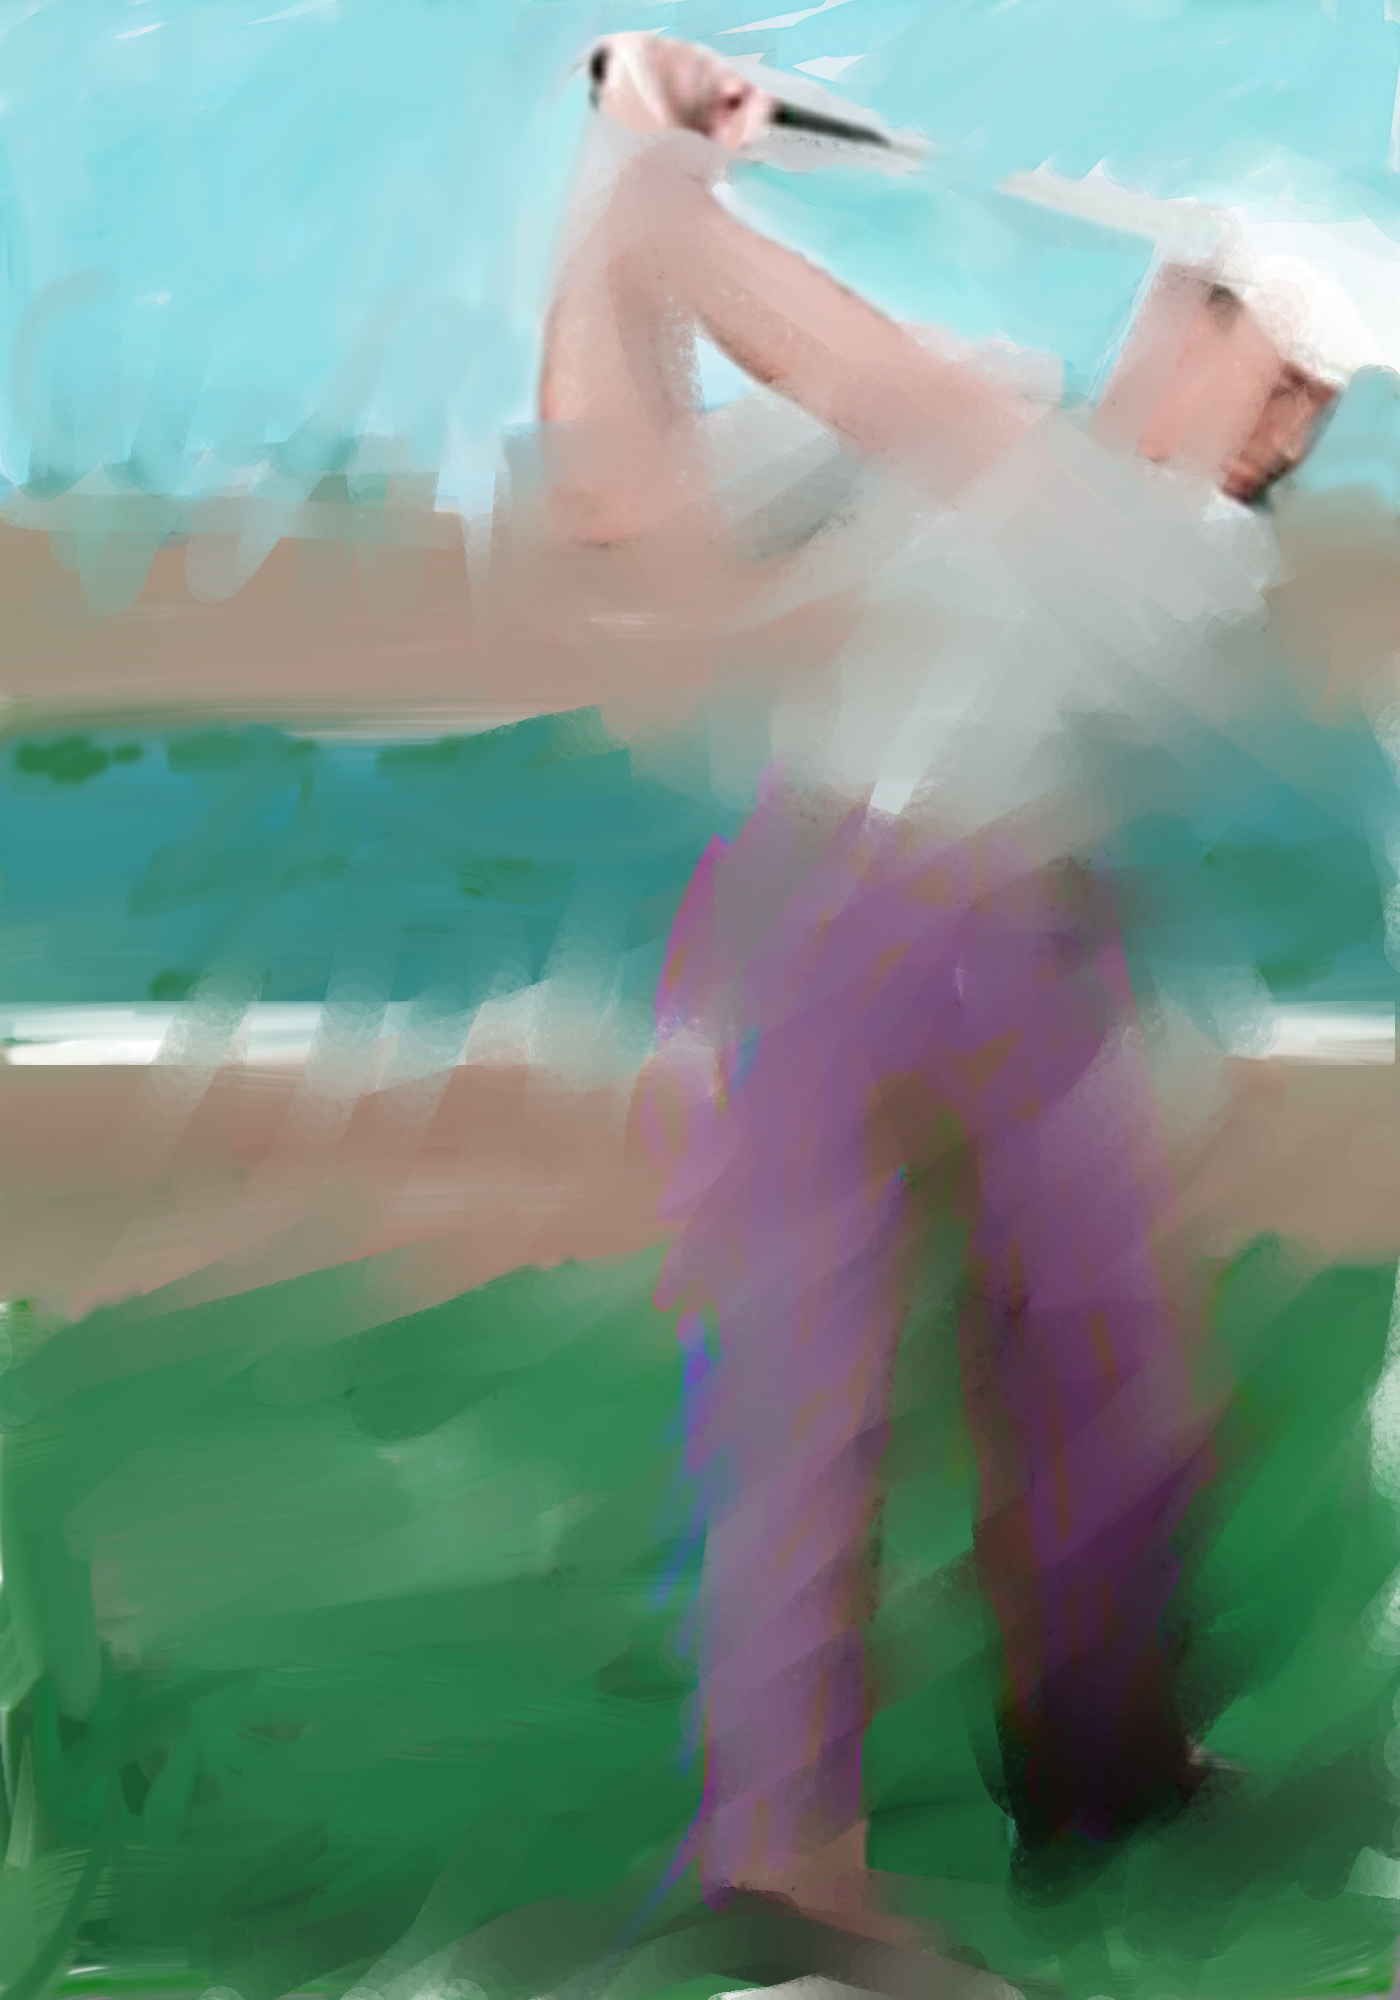 Ben Hogan, 2013  Golf